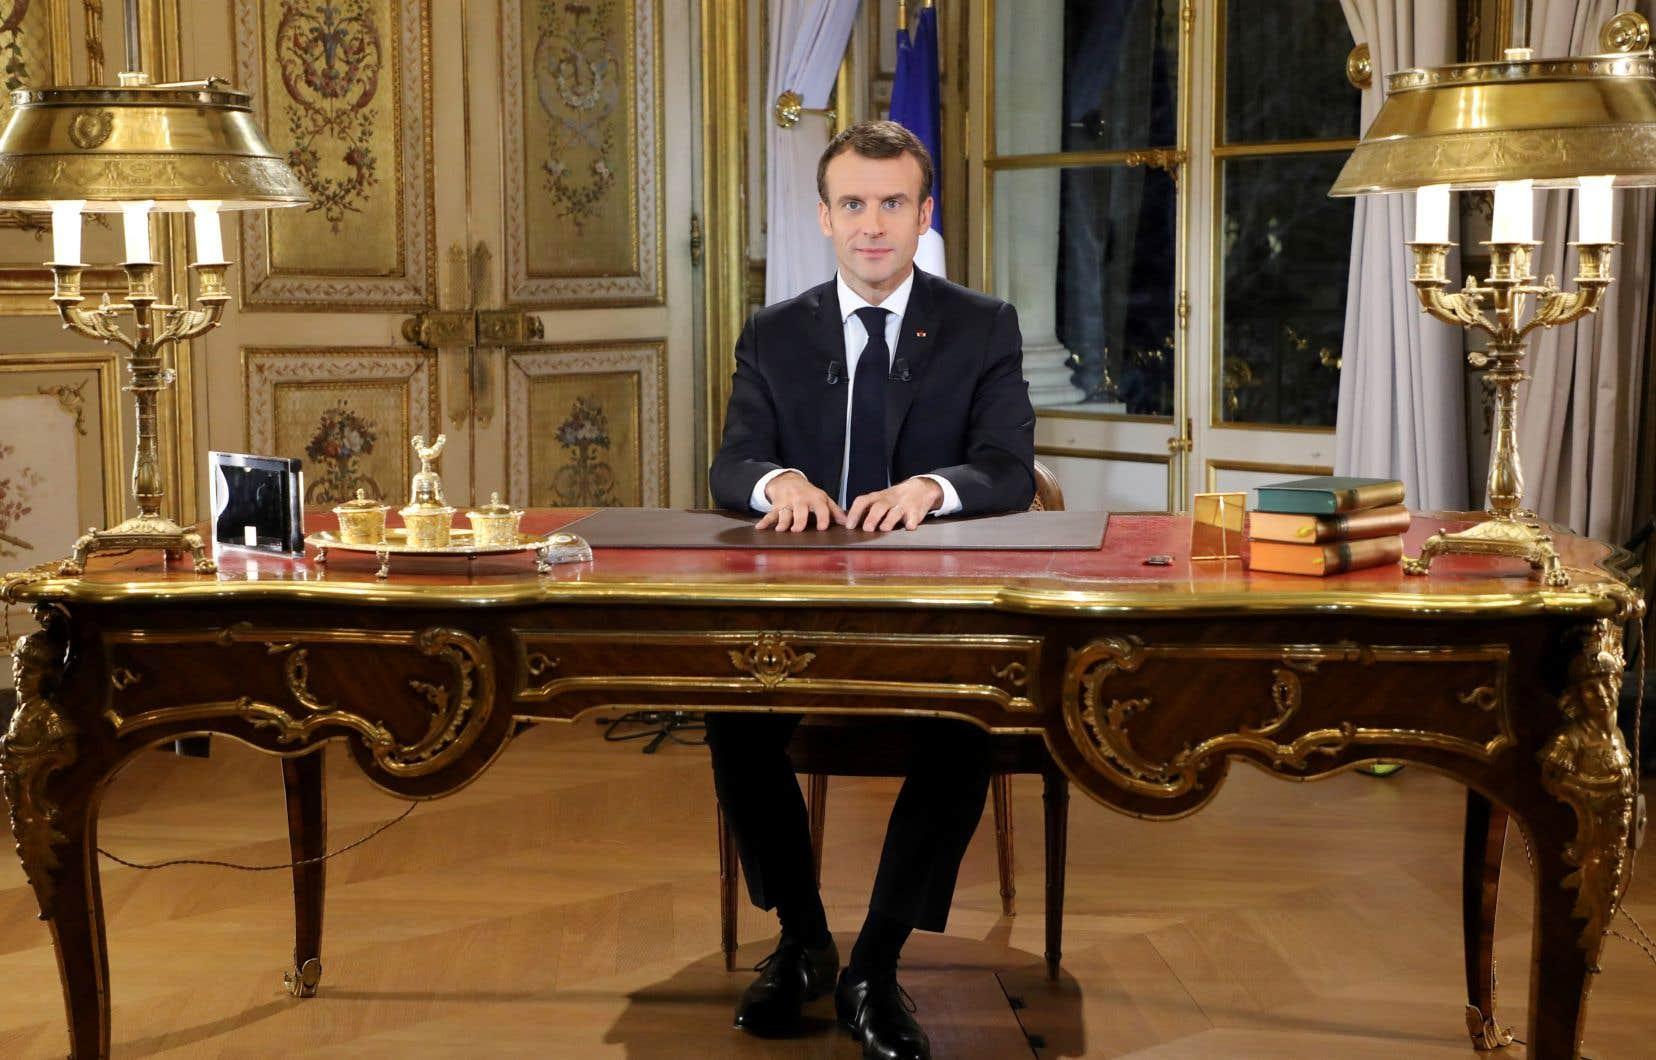 Le président français Emmanuel Macron a dit lundi soir lors d'une allocution décisive ressentir comme «juste à bien des égards» la colère des «gilets jaunes».